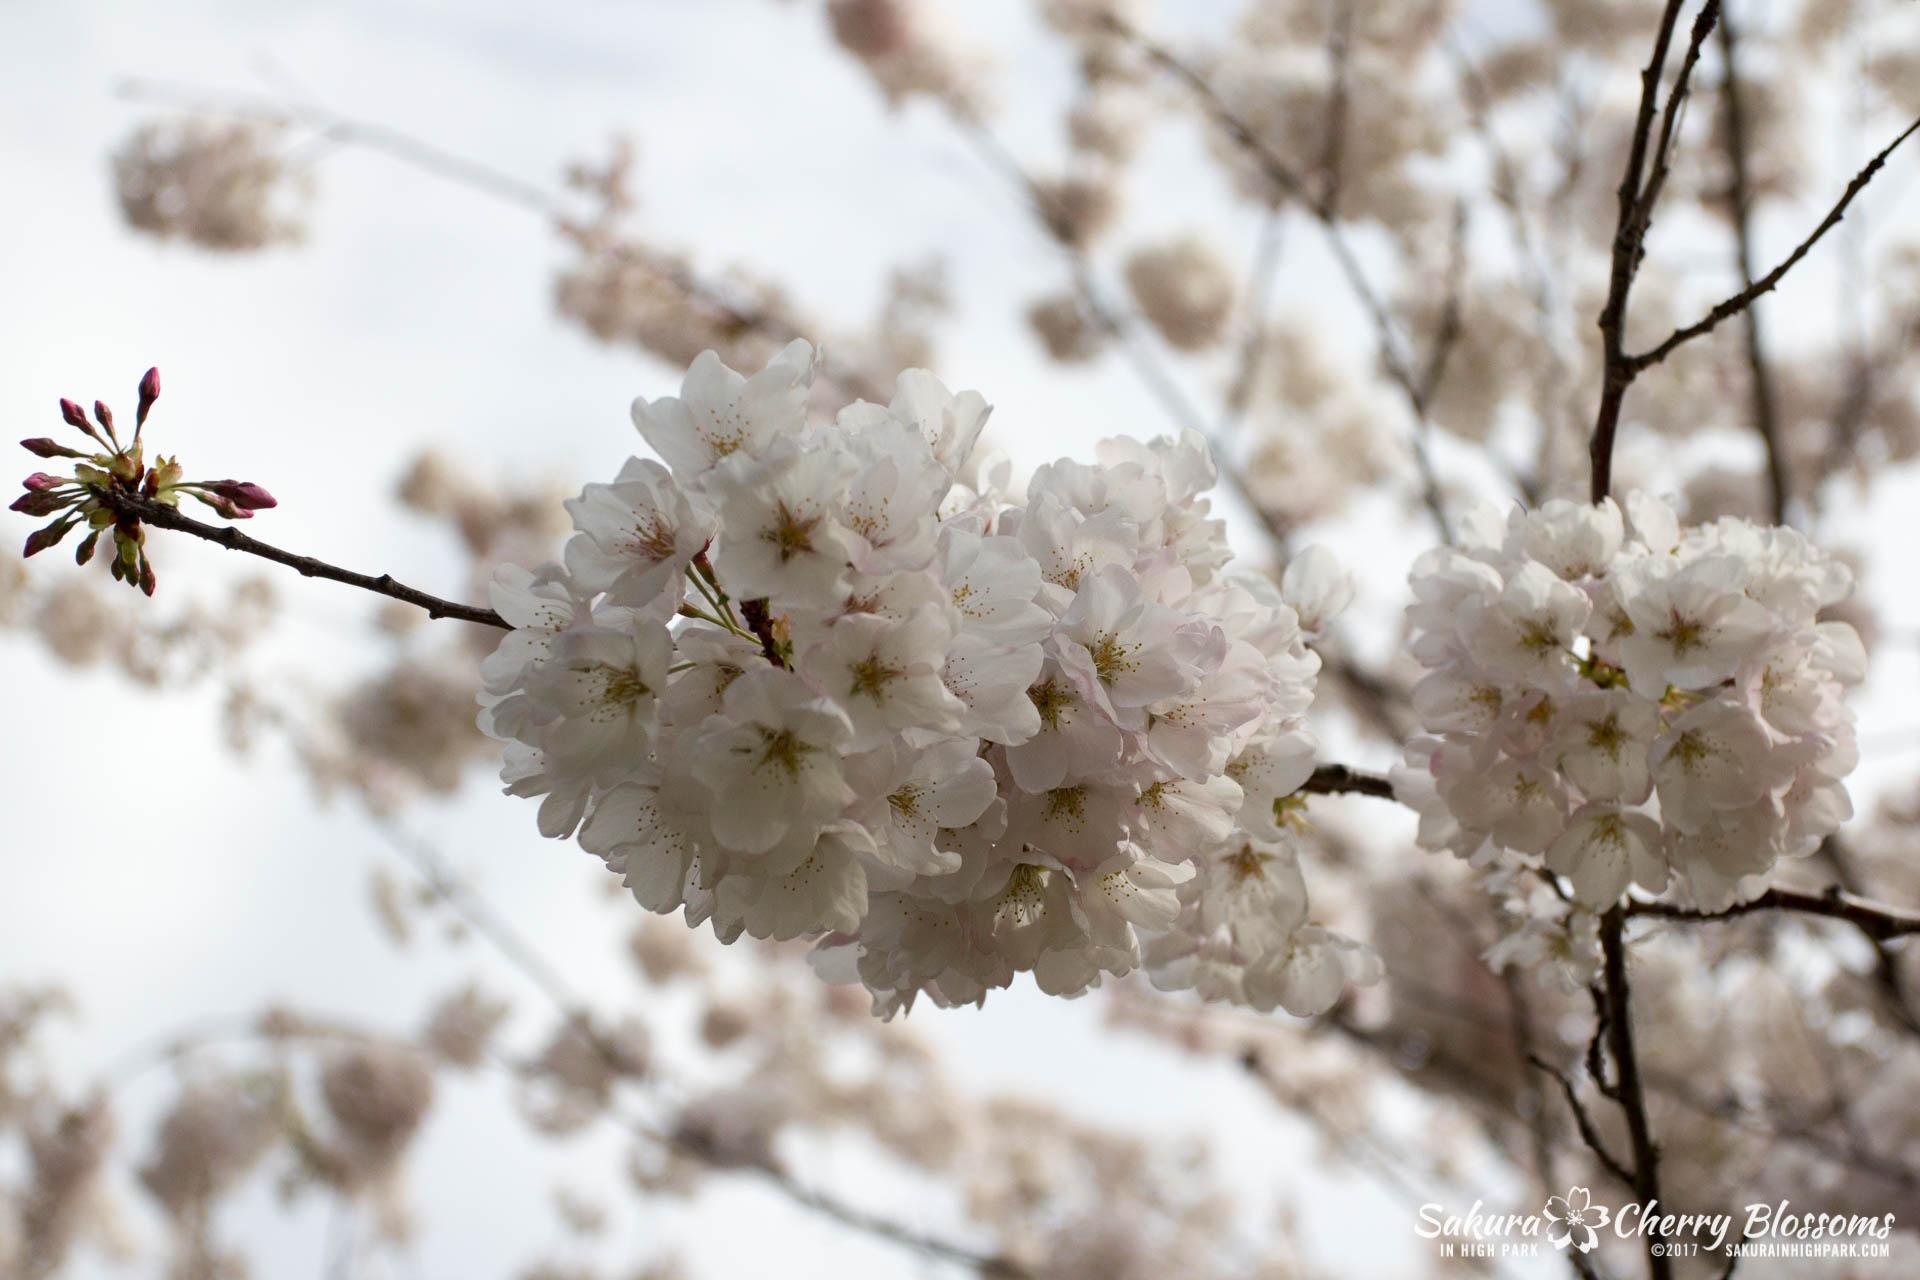 Sakura-Watch-April-28-2017-full-bloom-throughout-High-Park-5833.jpg